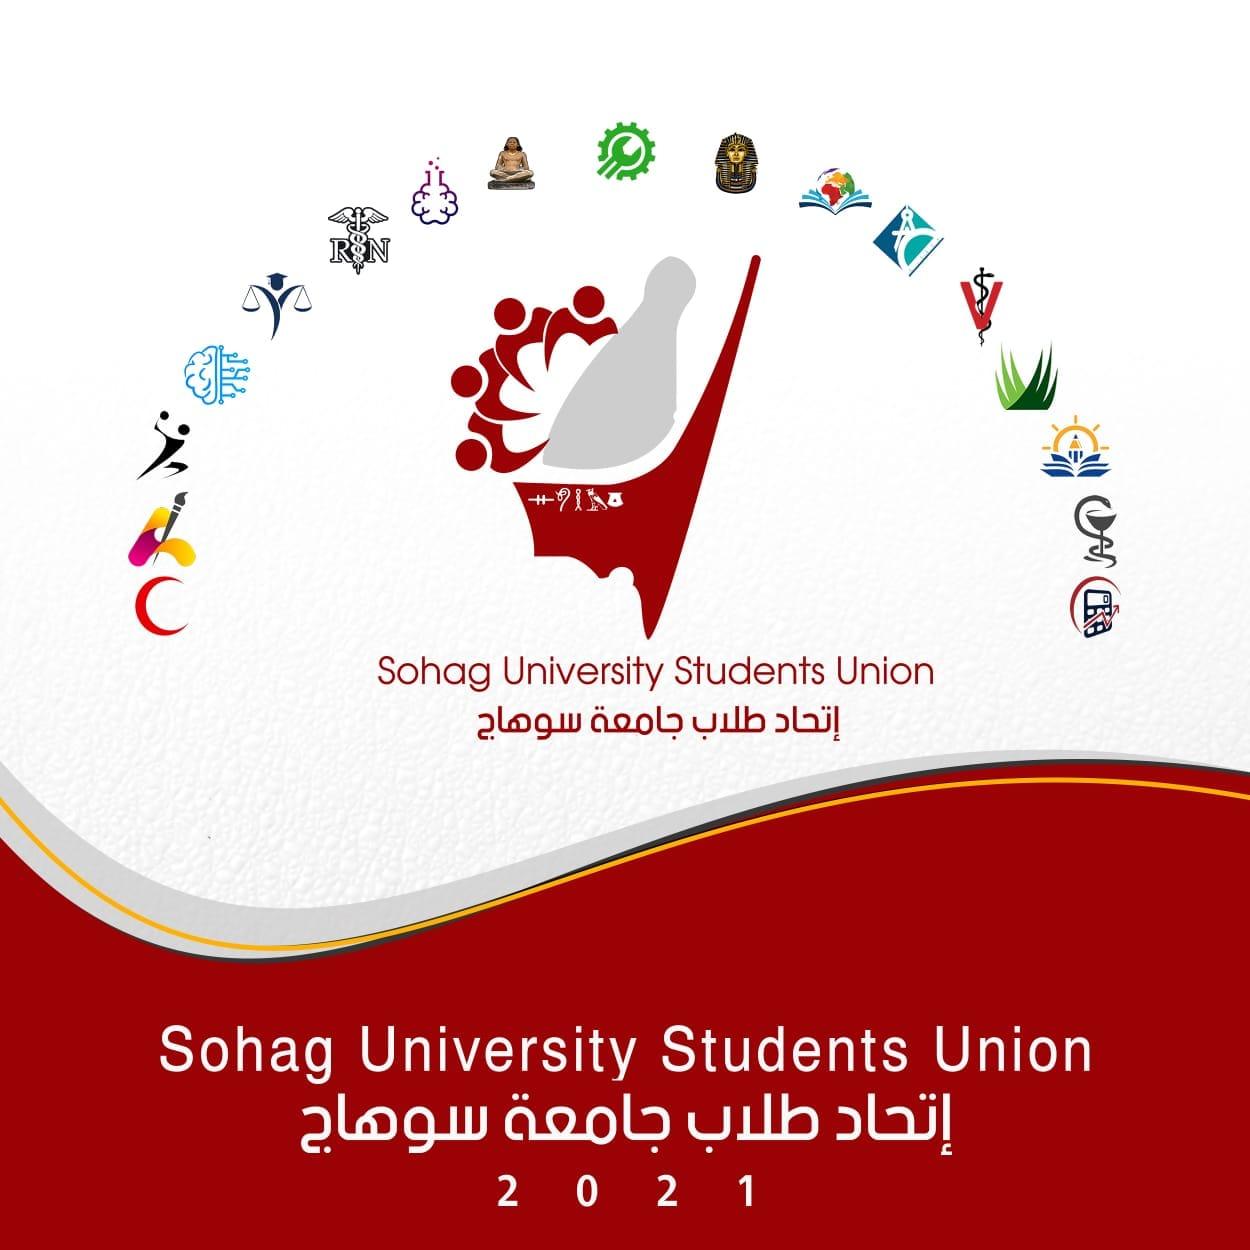 حزمة من الانشطة الطلابية الصيفية ينظمها اتحاد طلاب جامعة سوهاج